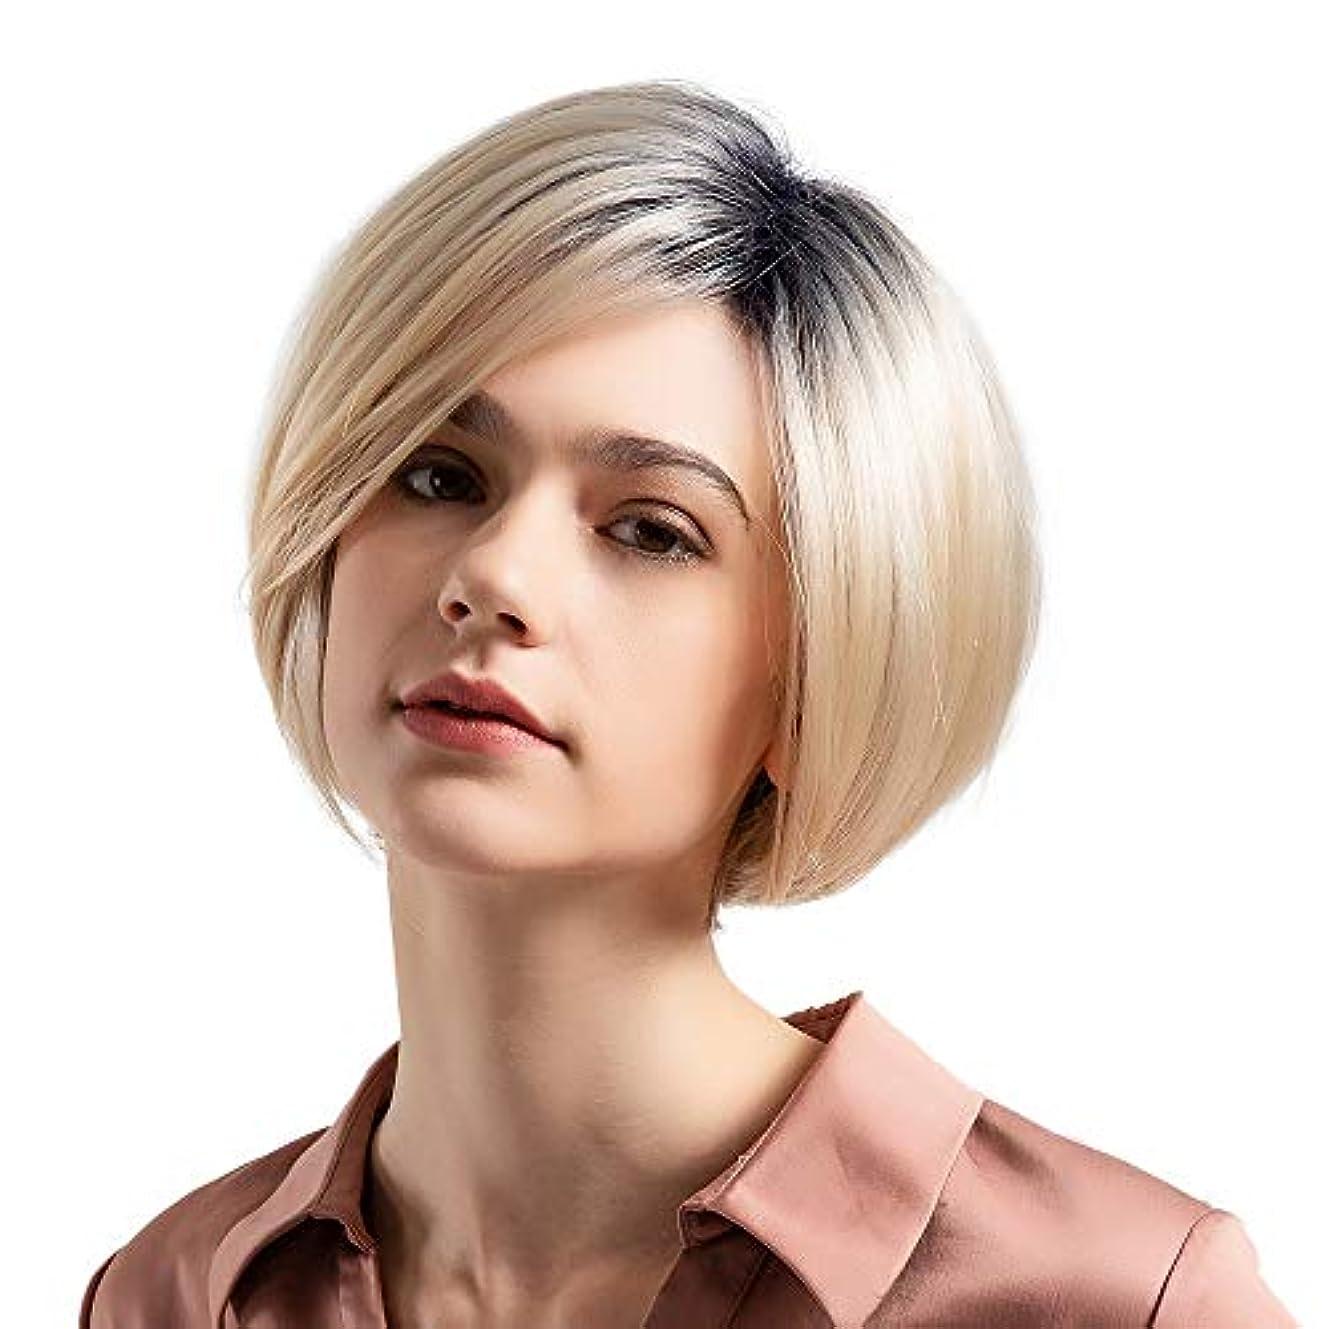 偏心十代シーンウィッグショートボブストレートヘア50%リアルヘアウィッグ女性のファッショングラデーションウィッグ